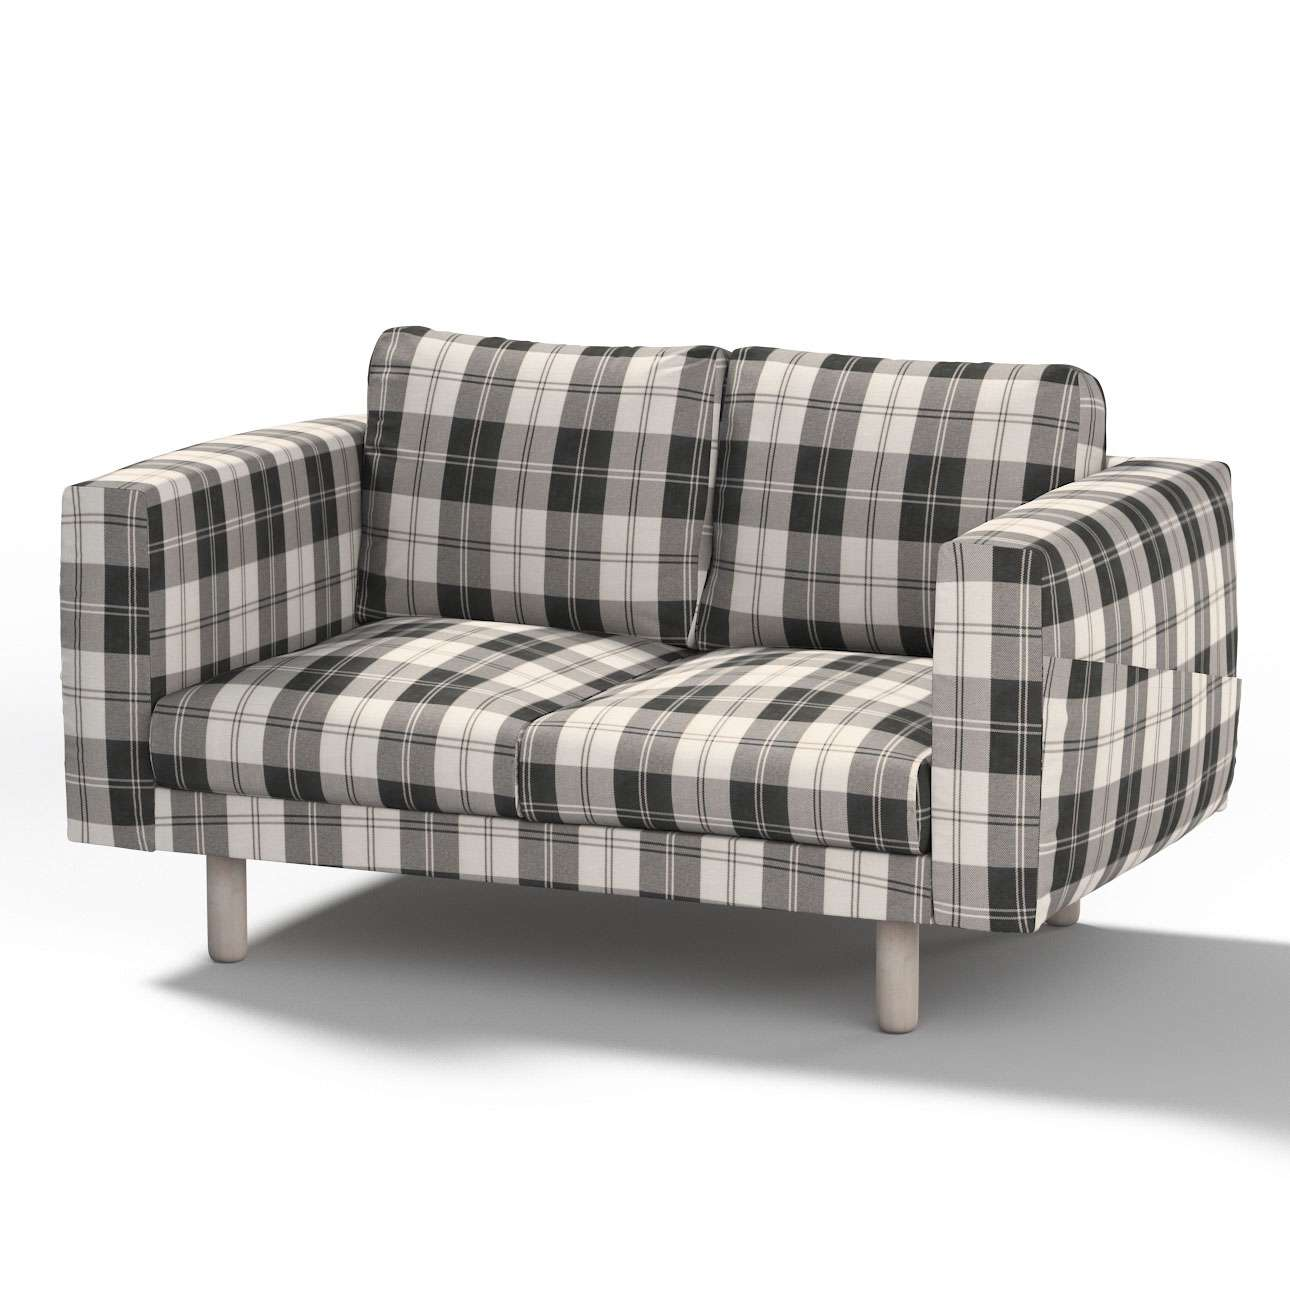 Pokrowiec na sofę Norsborg 2-osobową w kolekcji Edinburgh, tkanina: 115-74